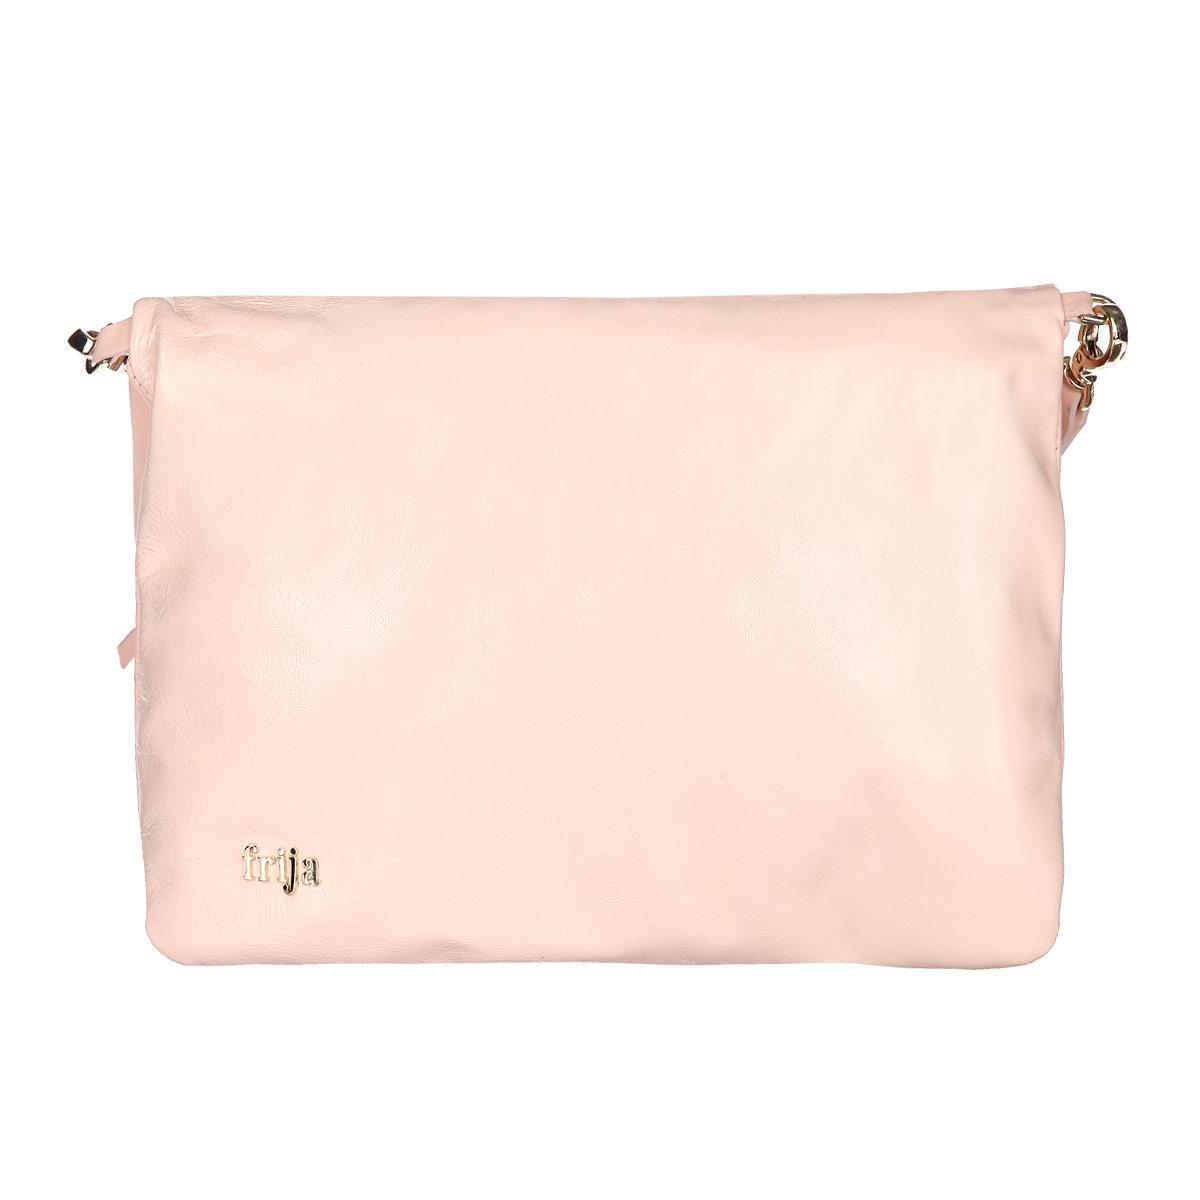 Сумка женская Frija, цвет: розовый. 21-0311-1521-0311-15Стильная женская сумка Frija выполнена из натуральной кожи, оформлена металлическим элементом с названием бренда. Изделие содержит одно главное отделение, закрывающееся на застежку-молнию, внутри которого расположен вшитый карман на молнии. Сумка дополнена практичной съемной лямкой, которая позволит носить ее как в руках, так и на плече. Такая сумка прекрасно дополнит ваш образ.